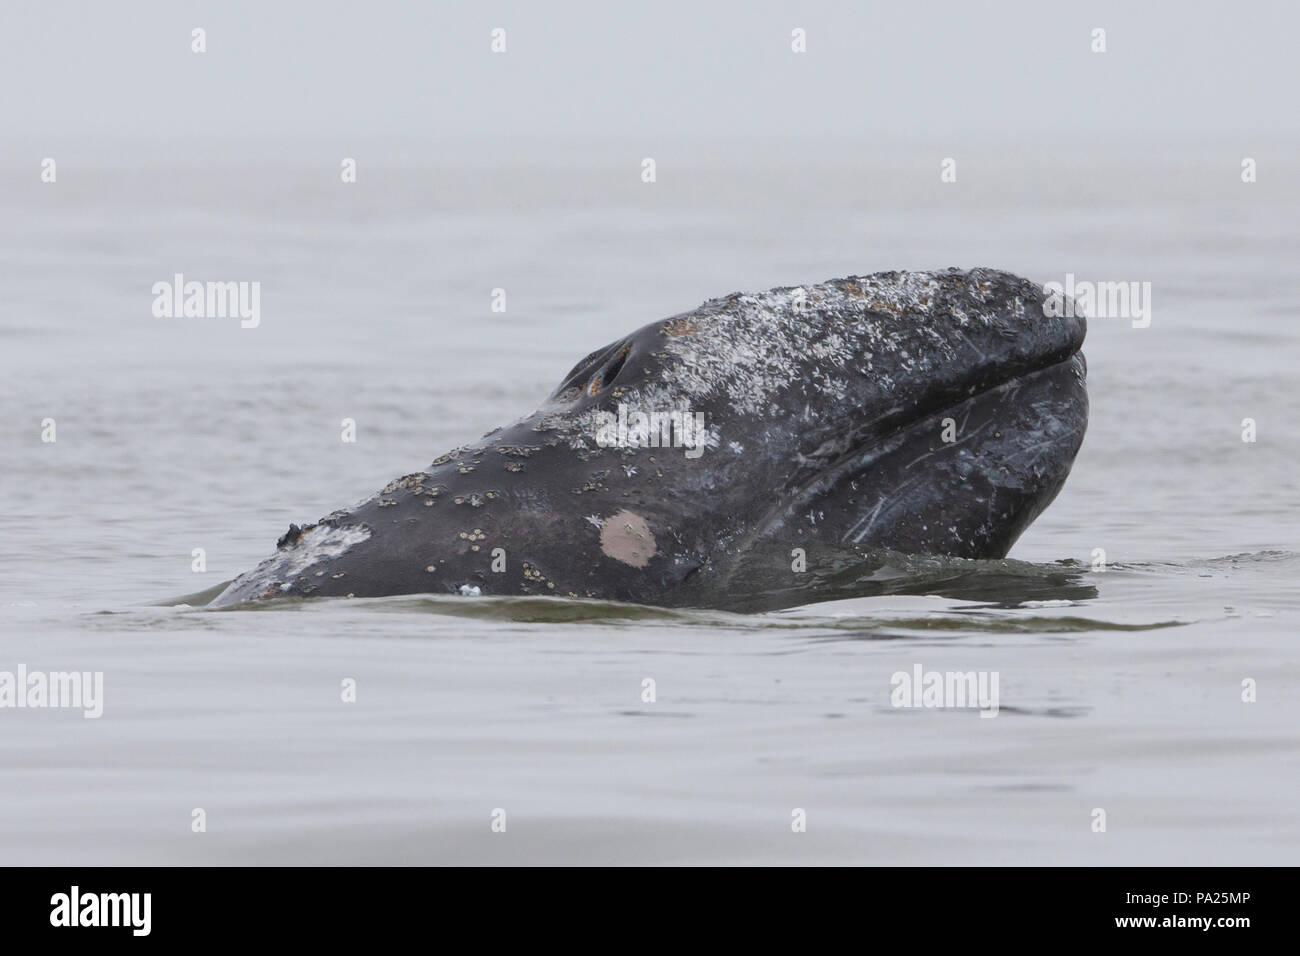 Sakhalin island dating